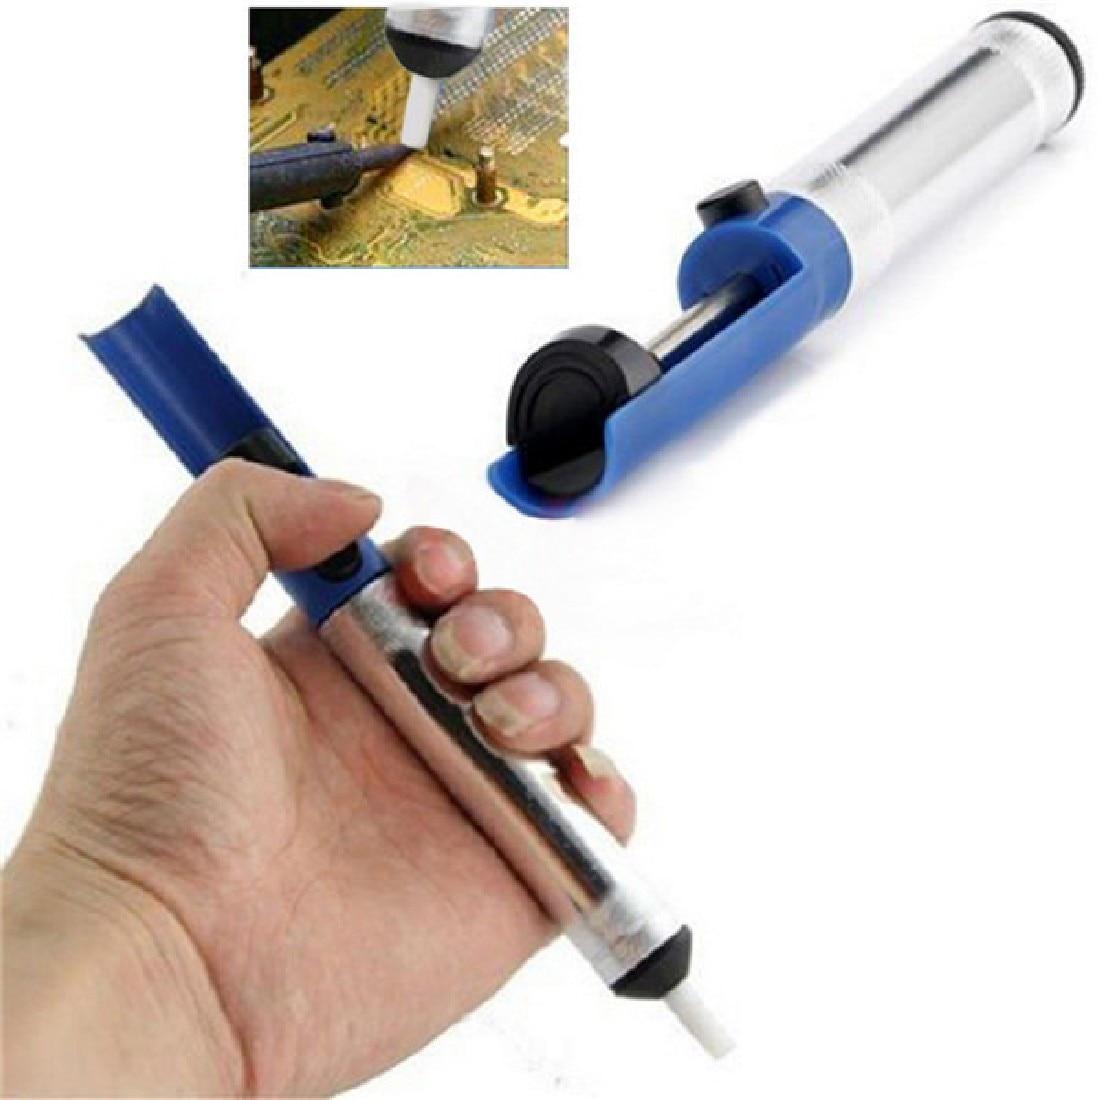 Suction Tin Solder Sucker Desoldering Pump Removal Vacuum Soldering Iron Desolder Welding Tools Desoldering Gun